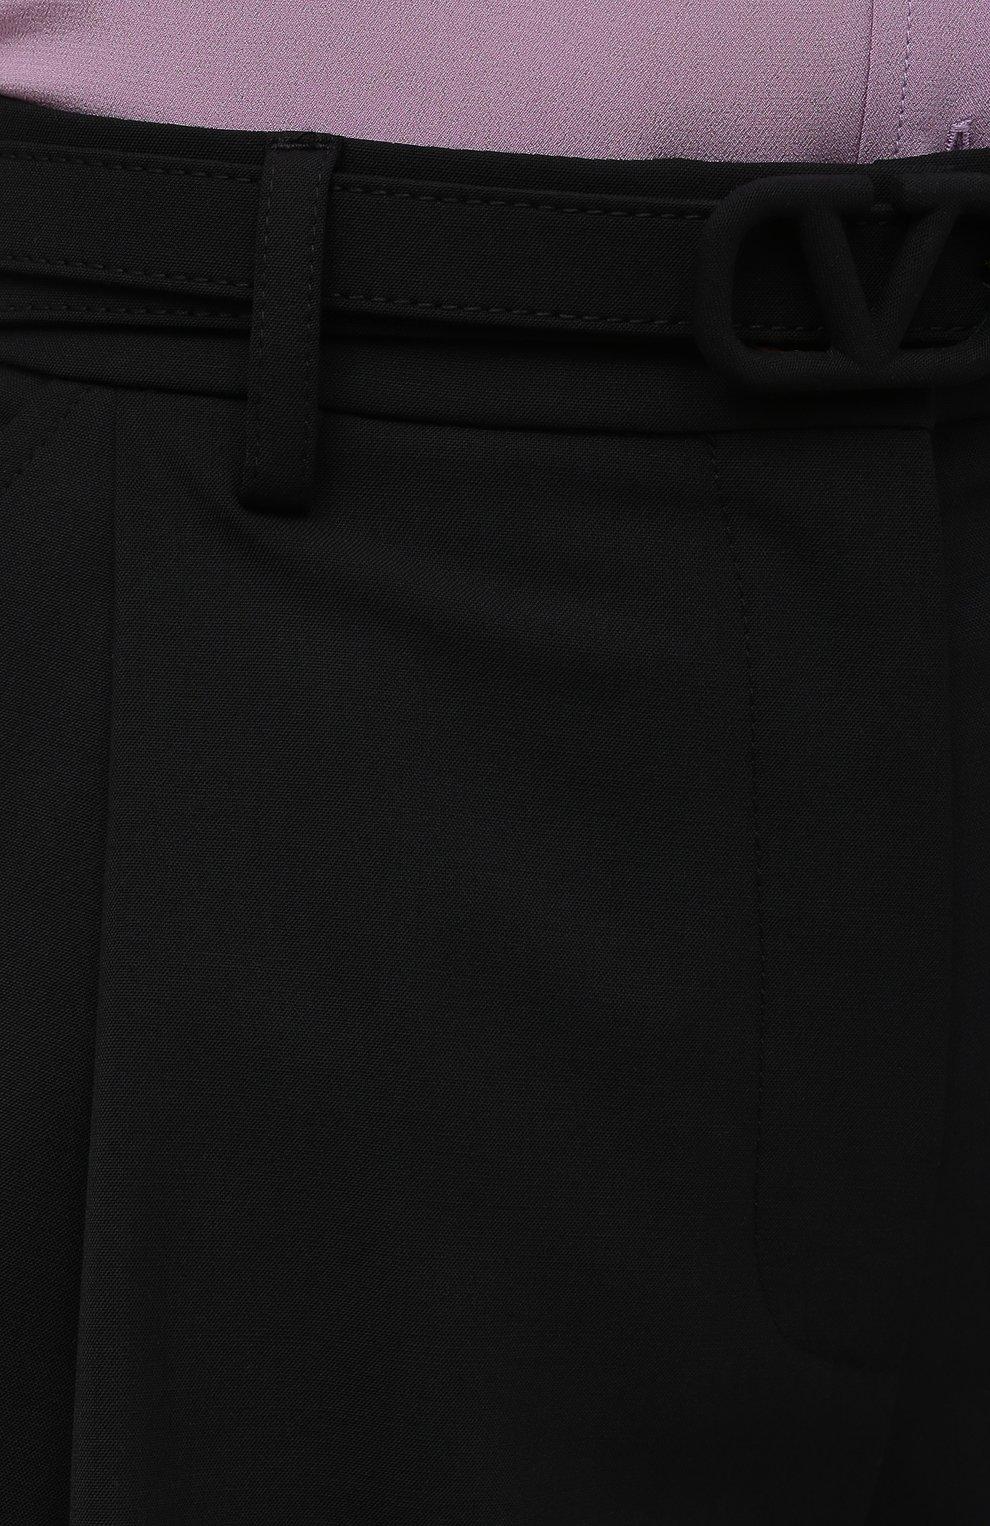 Женские шорты VALENTINO черного цвета, арт. WB3RF1R56DP   Фото 5 (Женское Кросс-КТ: Шорты-одежда; Материал внешний: Шерсть, Синтетический материал; Длина Ж (юбки, платья, шорты): Мини; Стили: Романтичный)